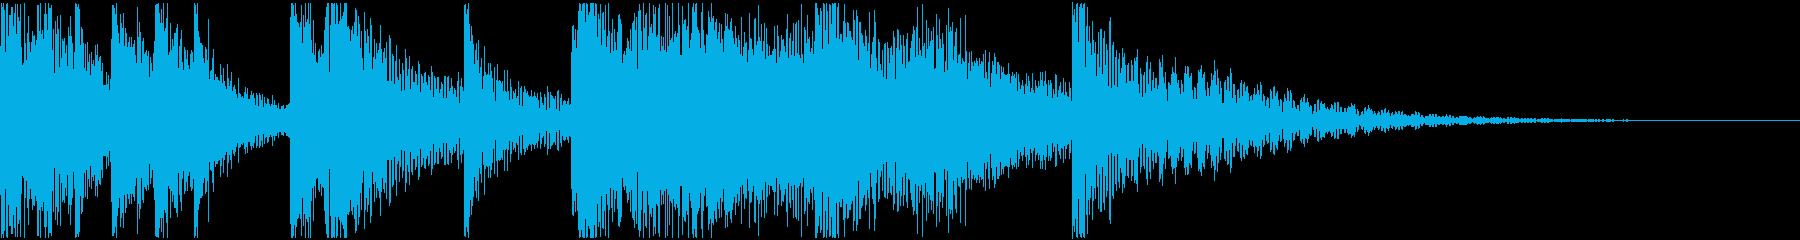 ミニゲームなどで正解したり成功した時の音の再生済みの波形